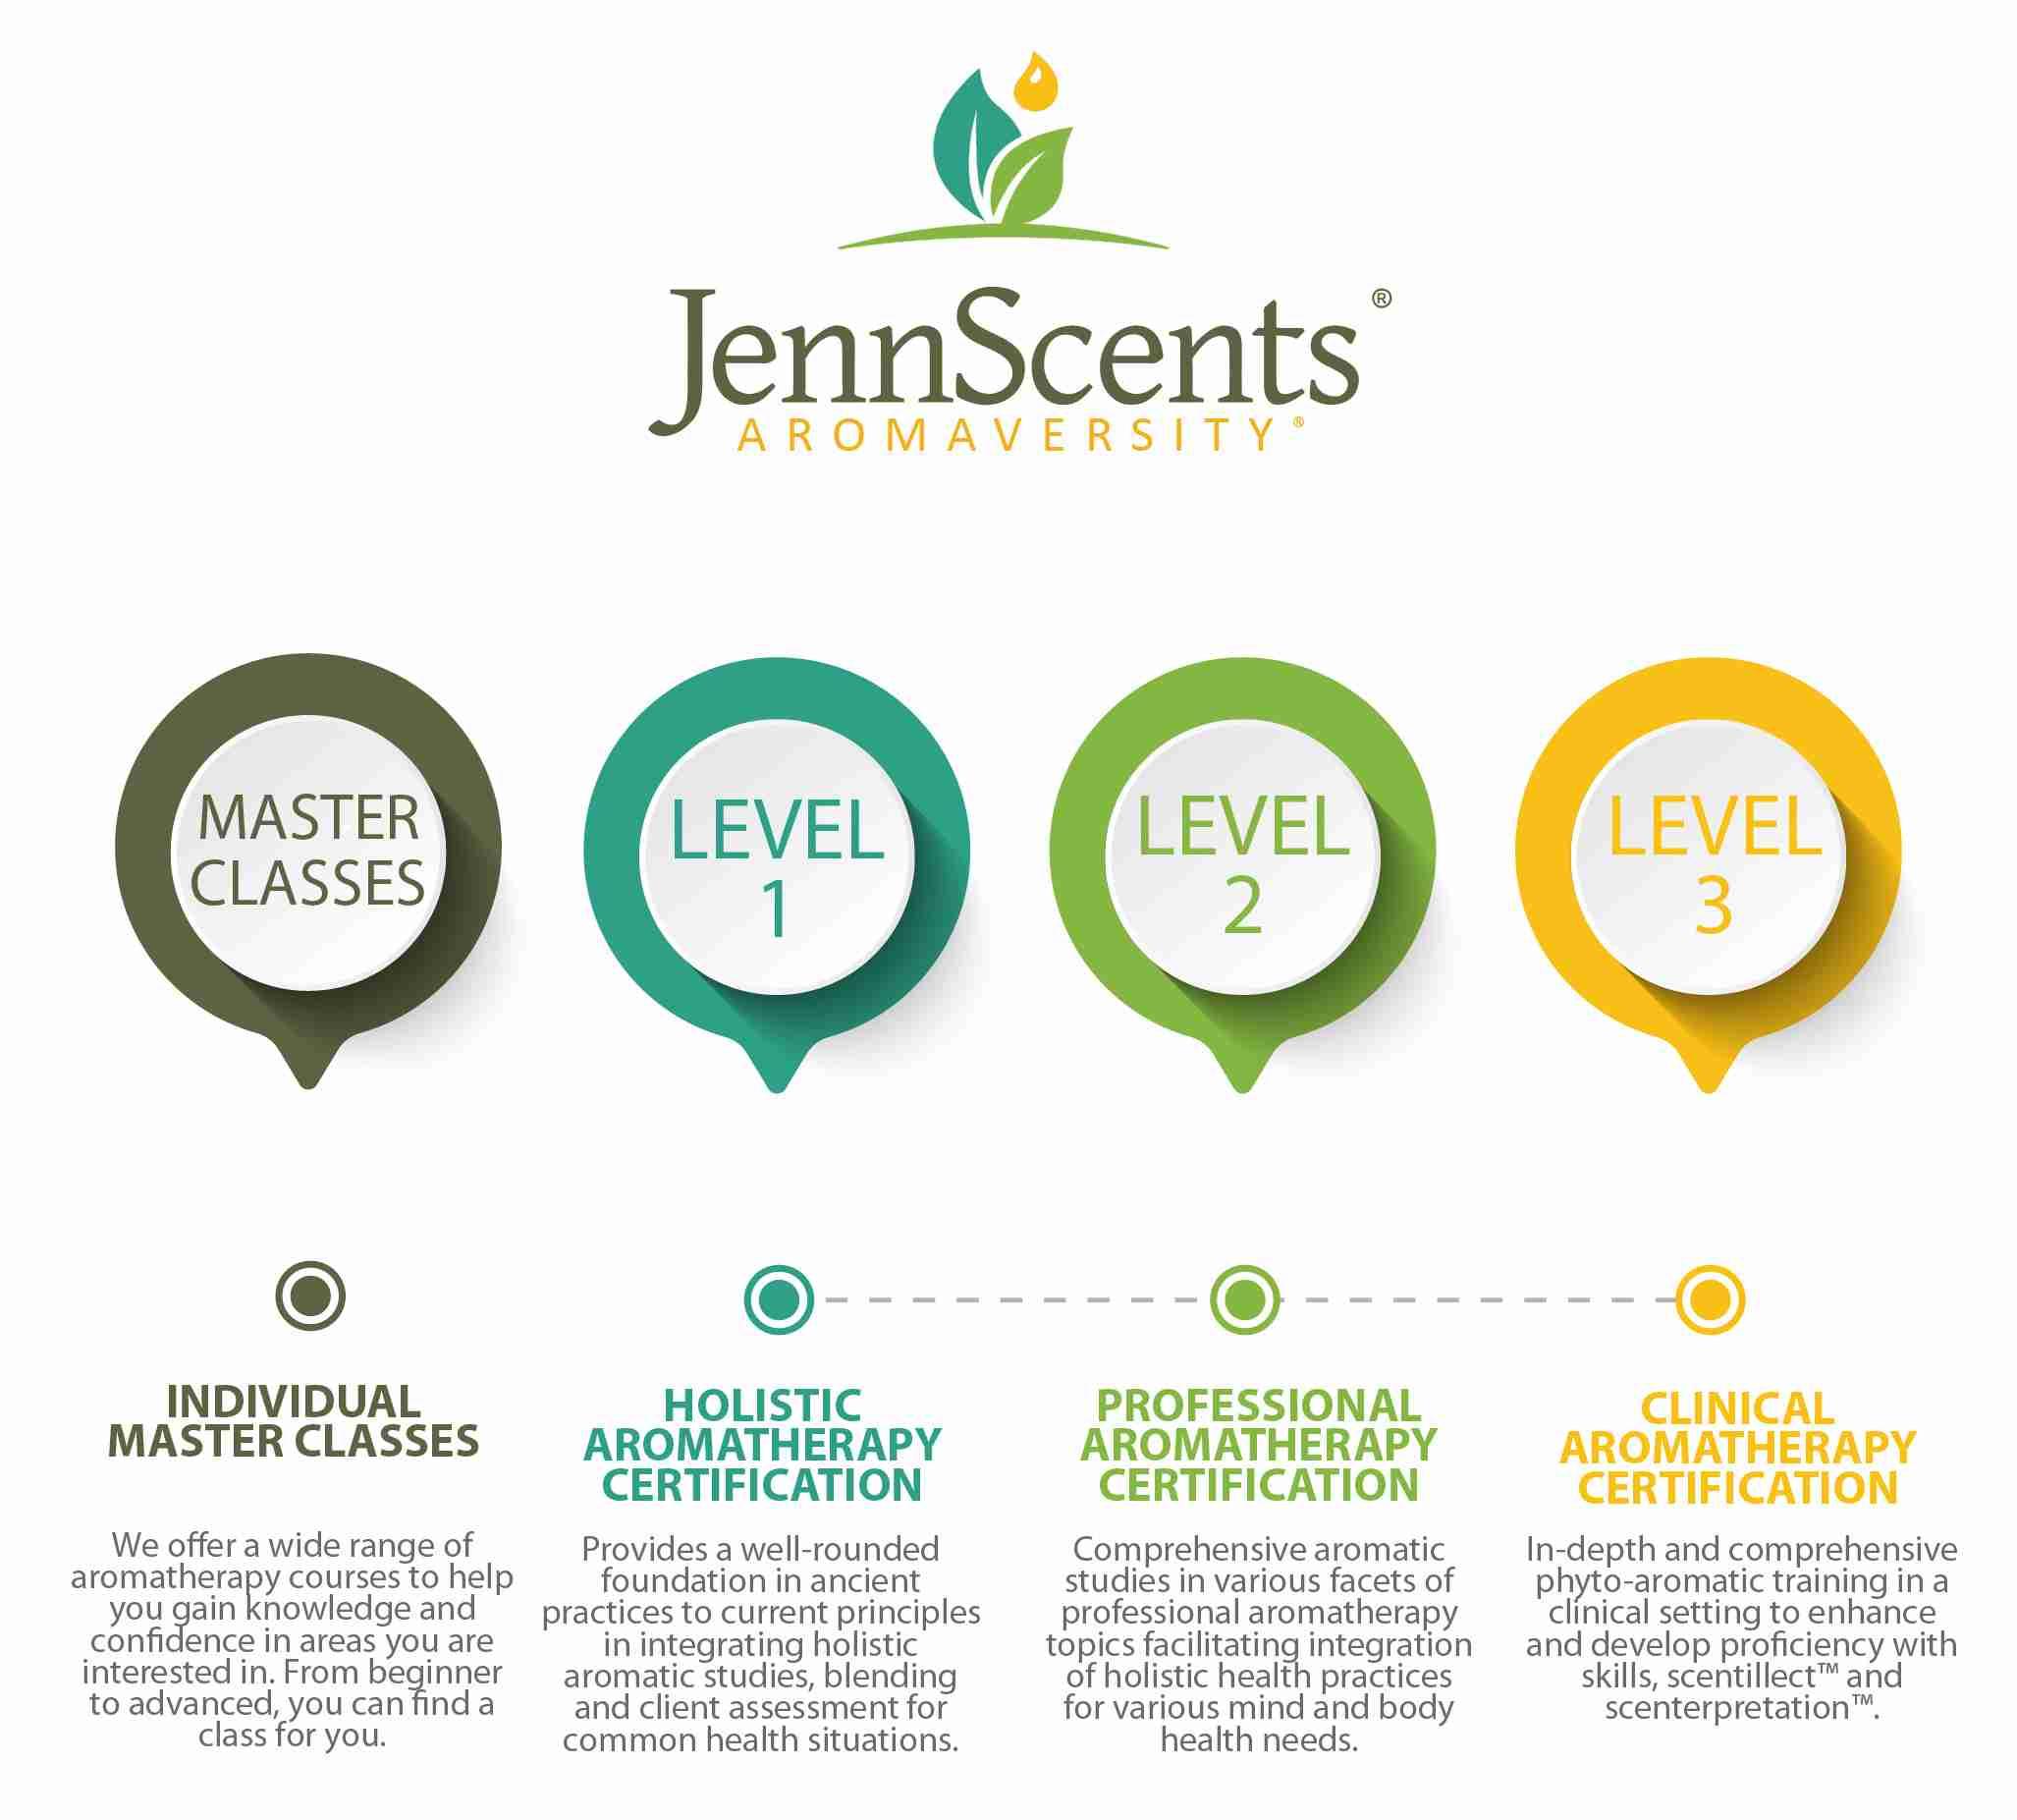 Holistic Aromatherapy Certification with JennScents Aromaversity